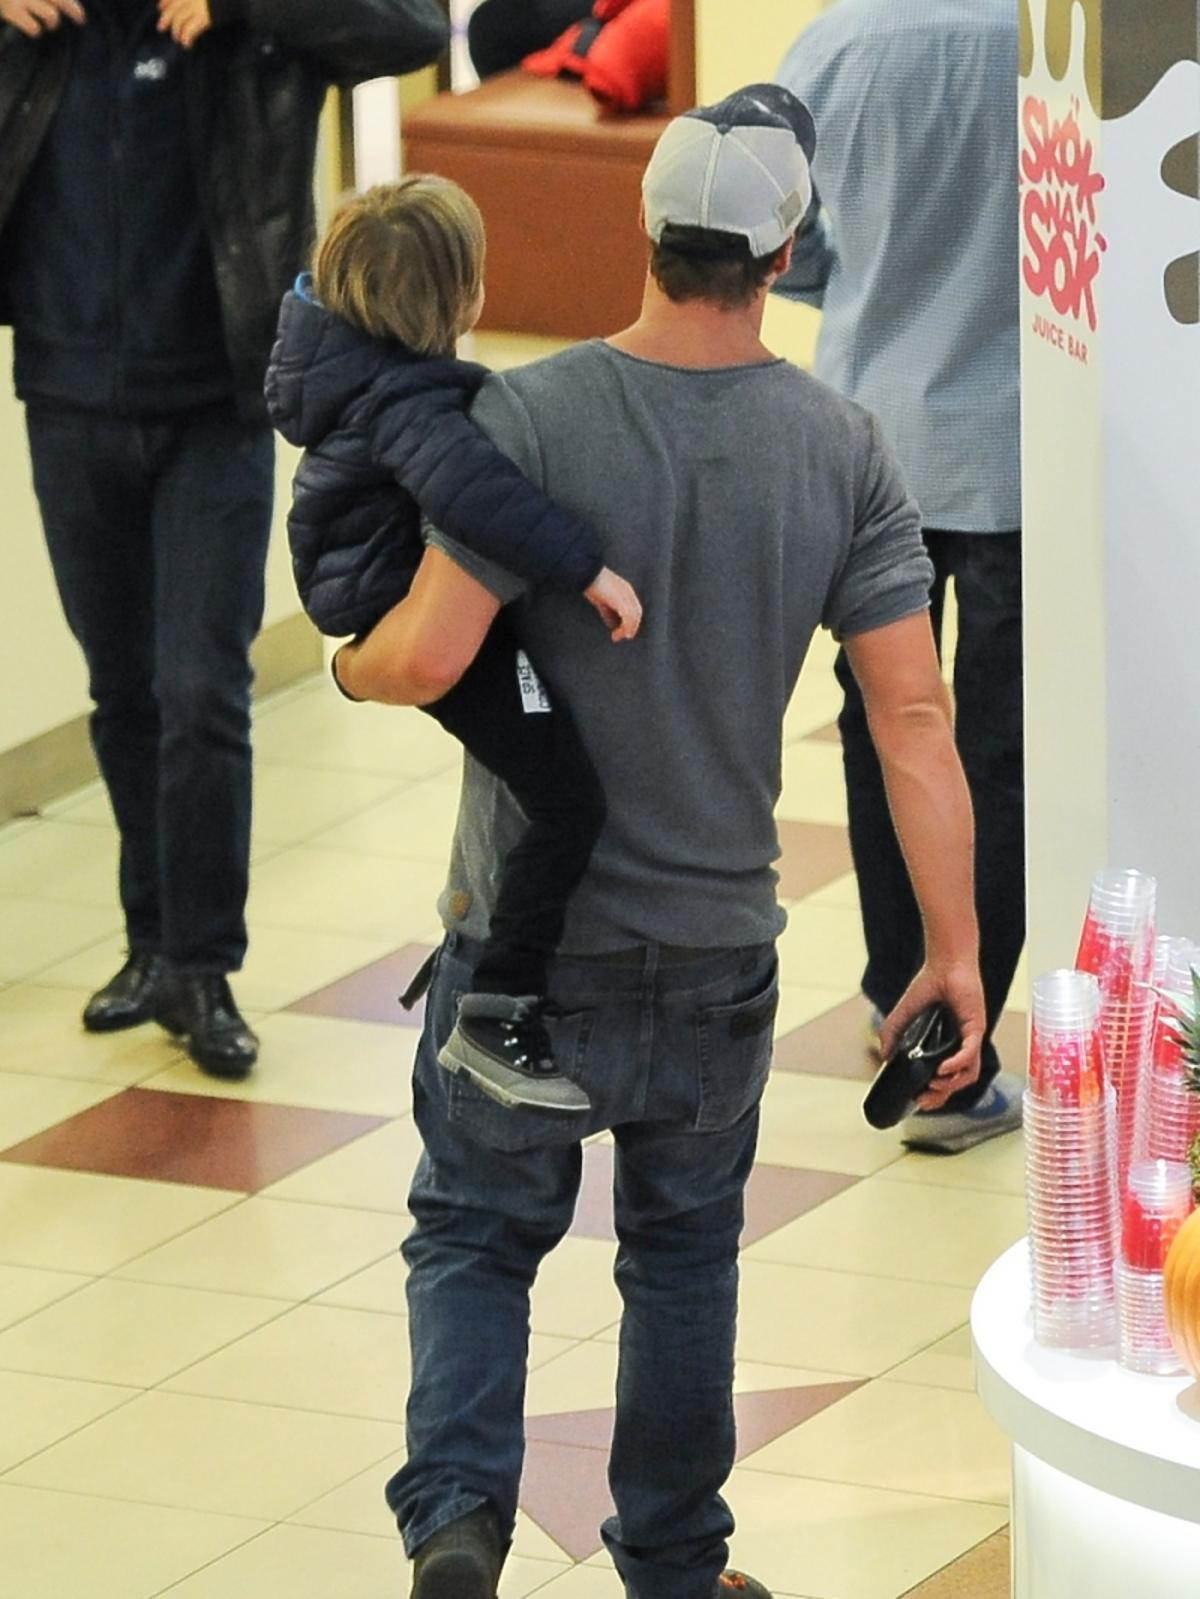 Mikołaj Roznerski niesie swojego czteroletniego syna Antosia w centrum handlowym